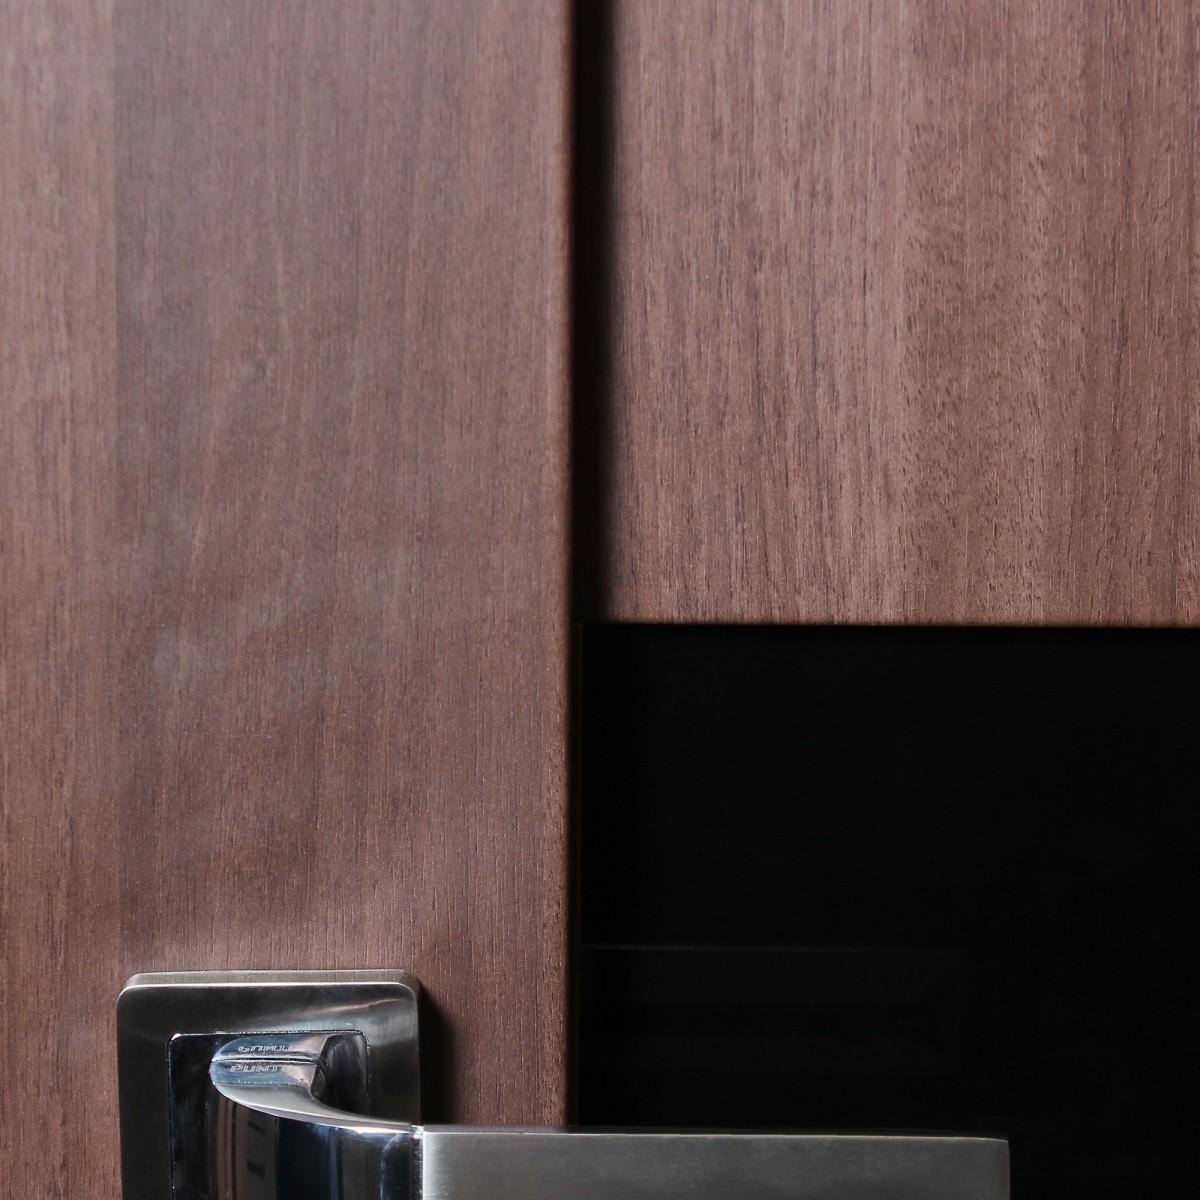 Дверь Межкомнатная Остеклённая Artens Велдон 80x200 Цвет Мокко Без Фурнитуры